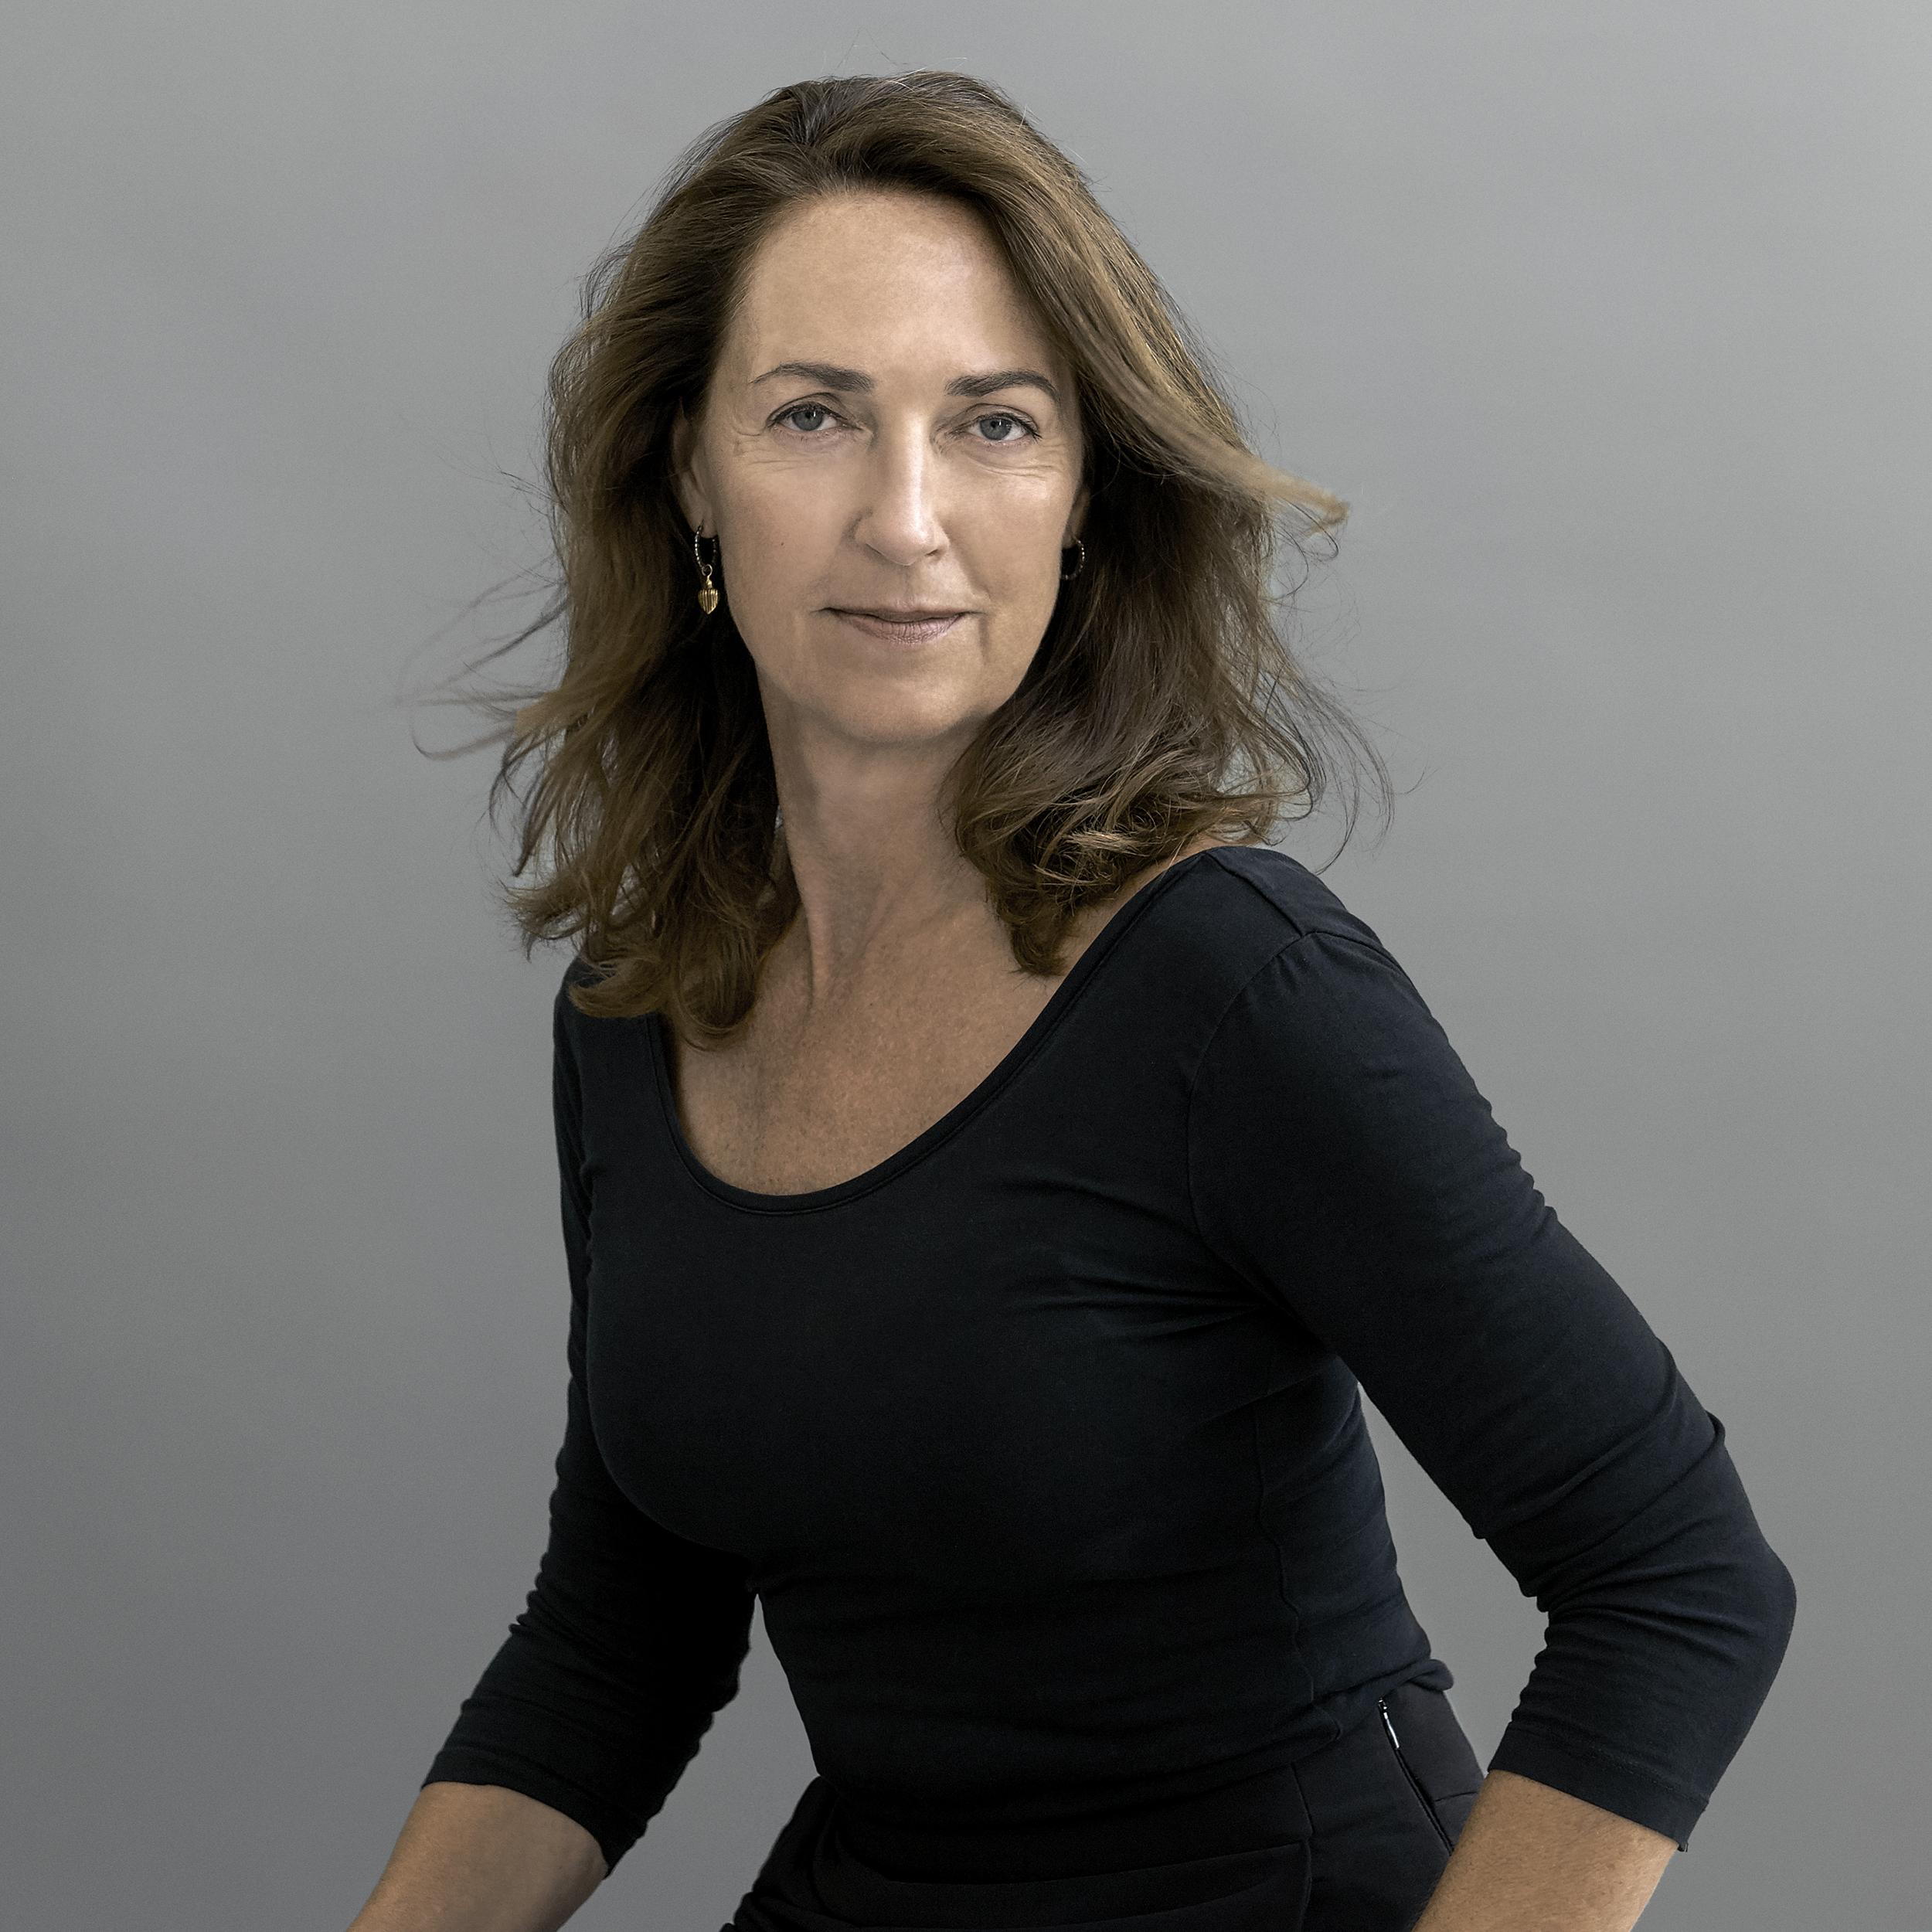 Liesbeth van den Idsert